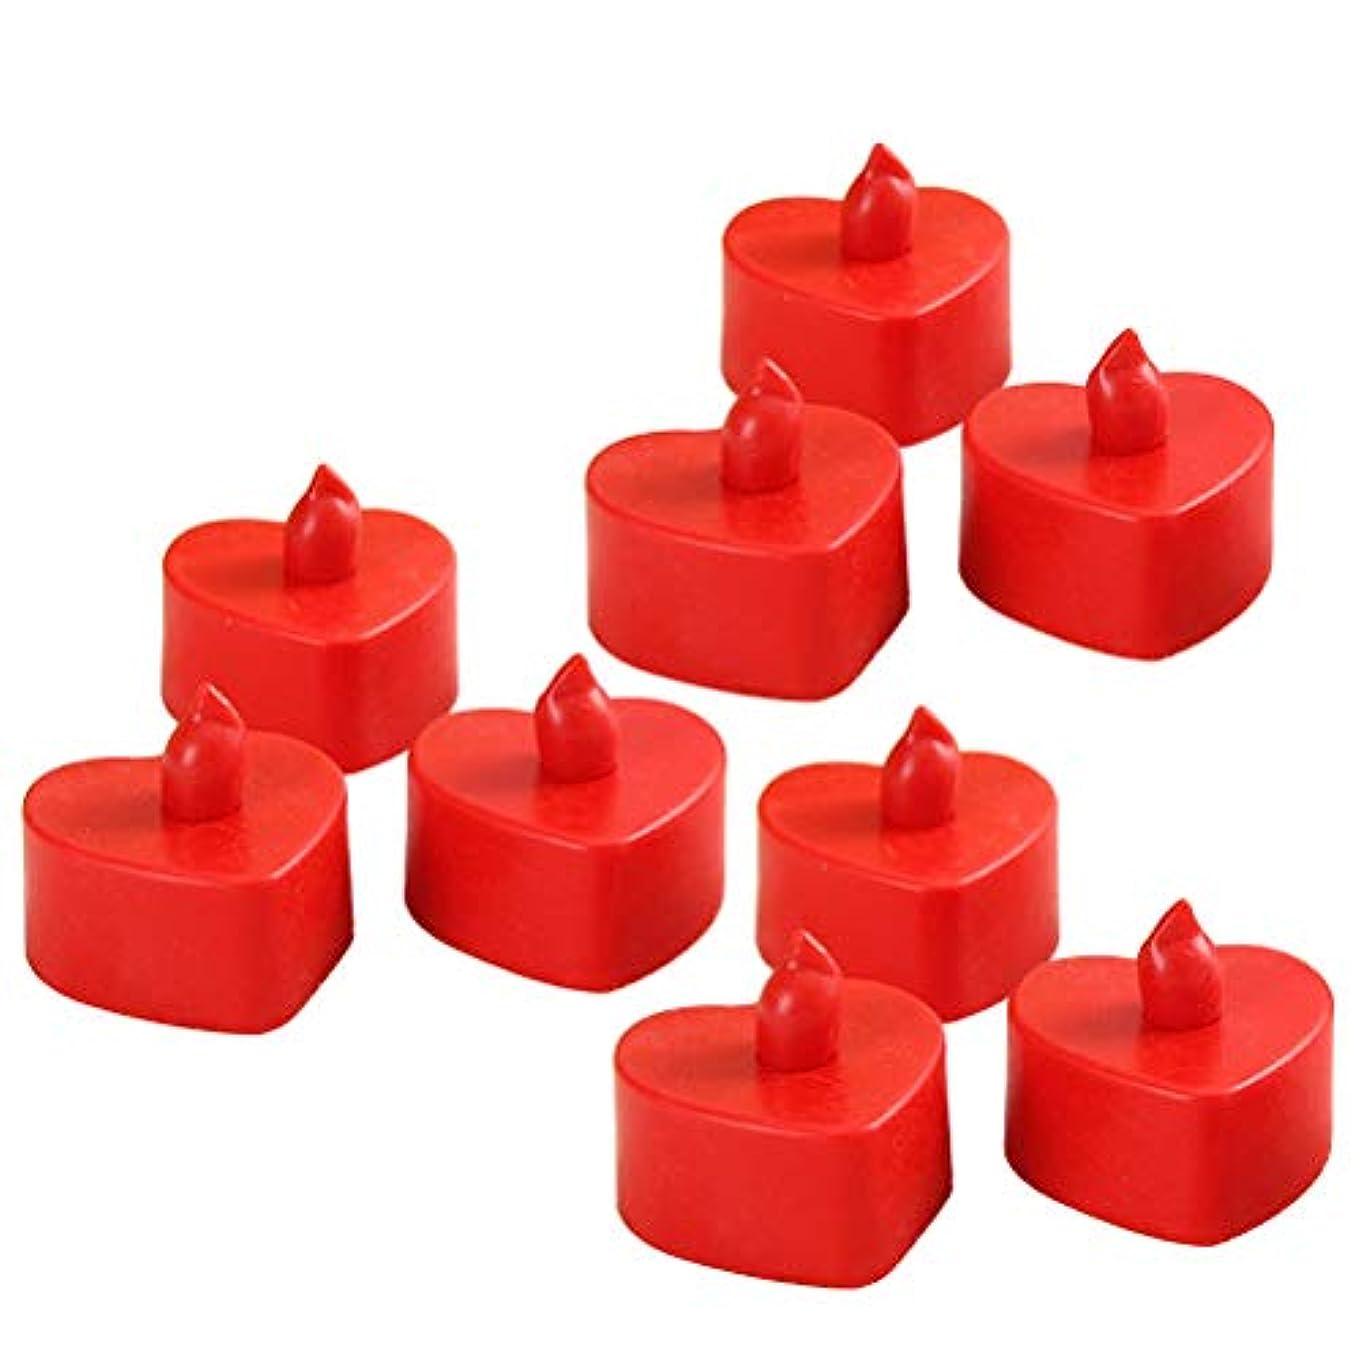 染料荒廃するオリエンテーションBESTOYARD 10個のLed茶色のライトは、電池で作動するFlameless Tealightキャンドル暖かい黄色のライトライトハートシェイプクリスマスのウェディングパーティの装飾(赤いシェル、赤い光)